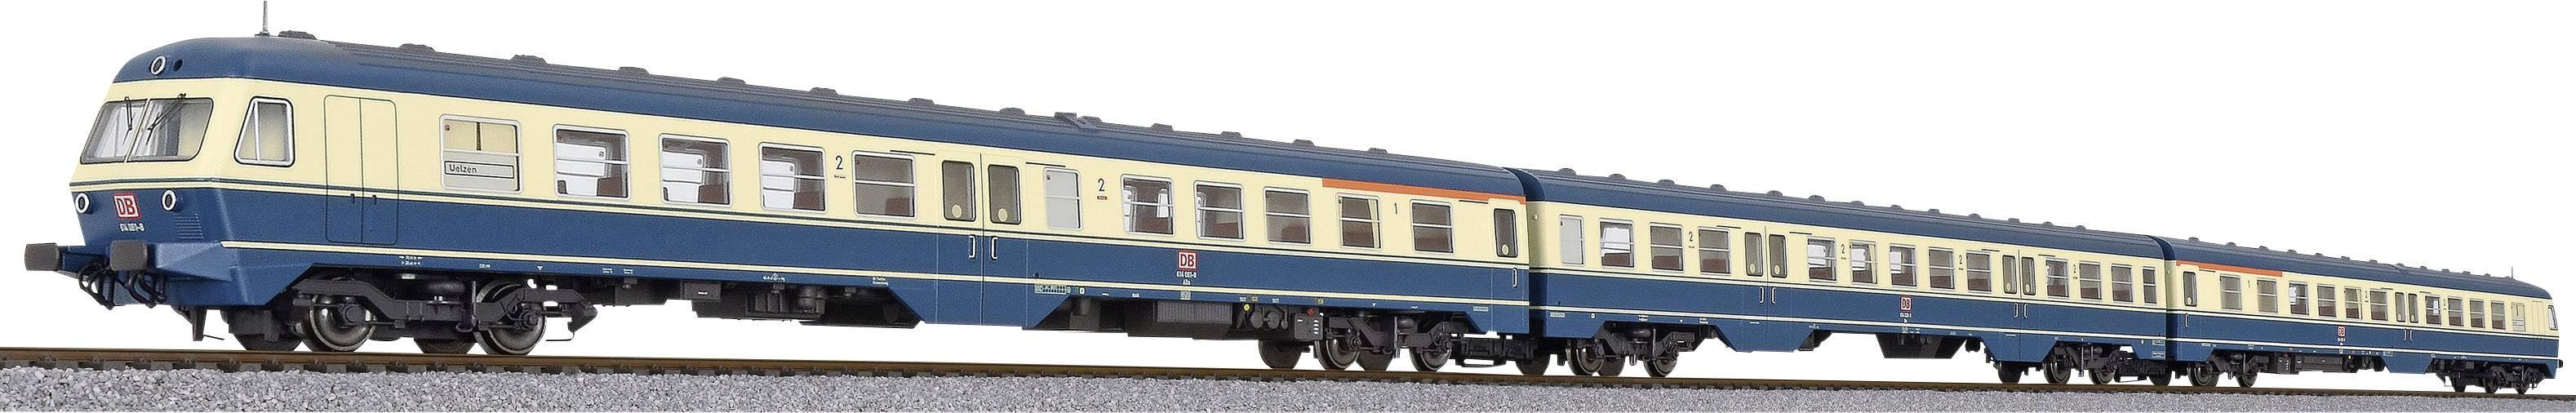 Treno motore H0 BR 614/914 Lil